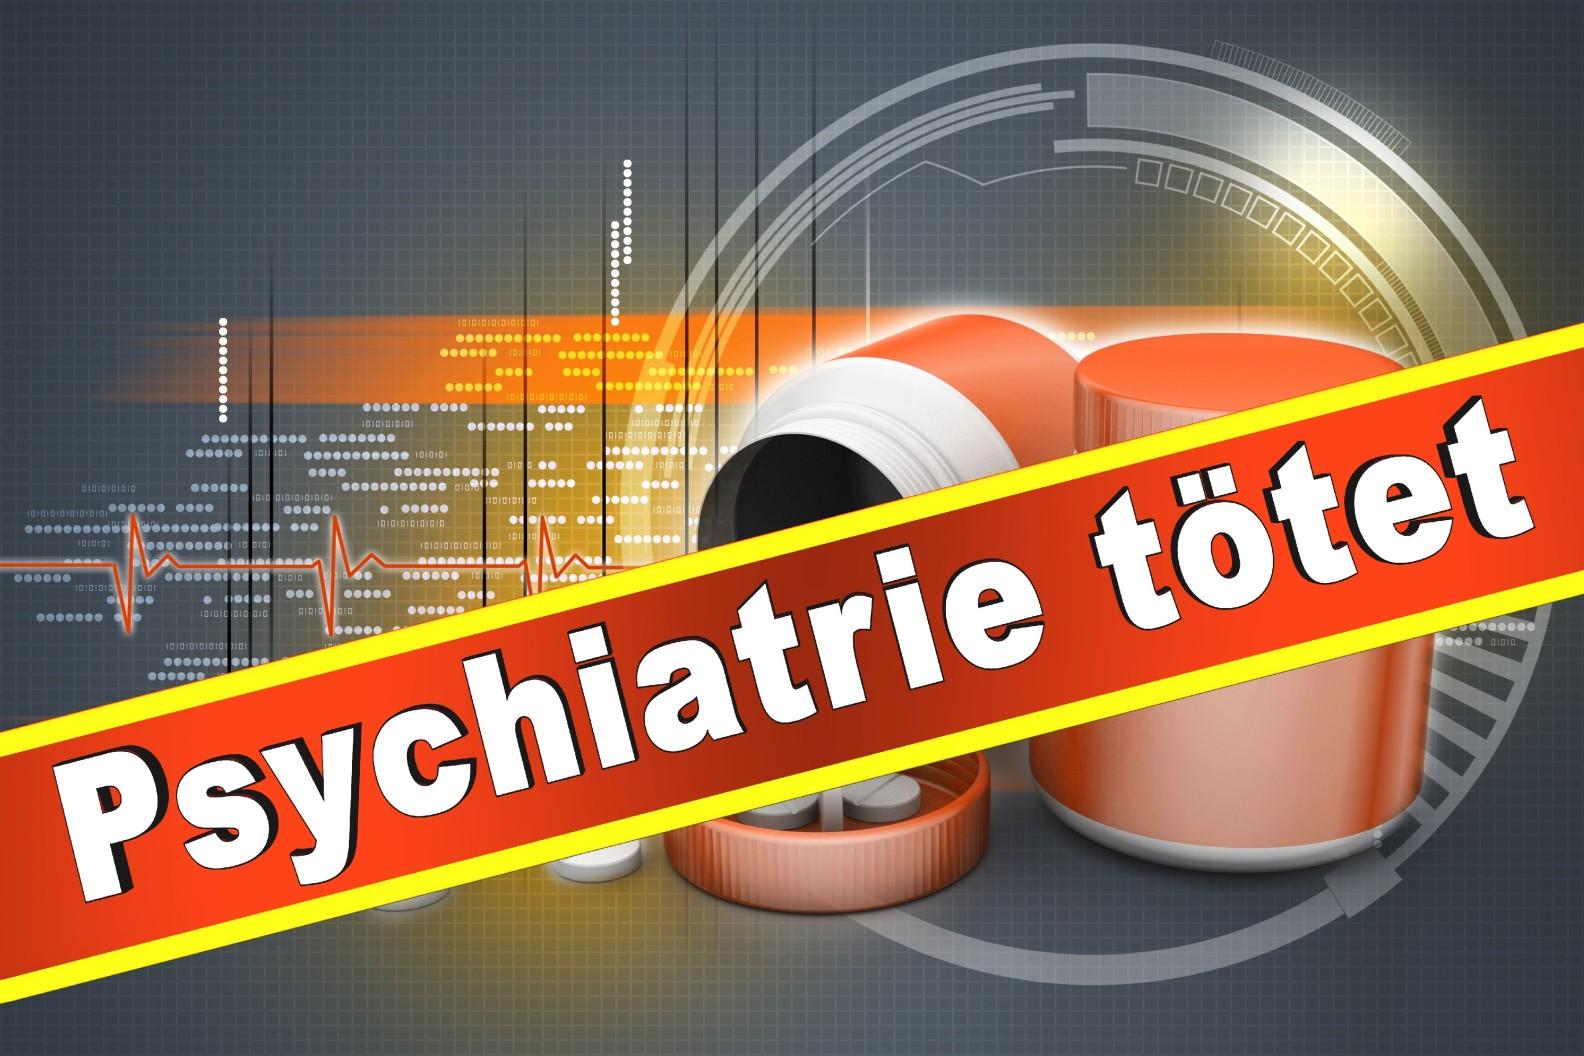 Kinder Und Jugendpychiatrie Florentine Eicheler Str Köln